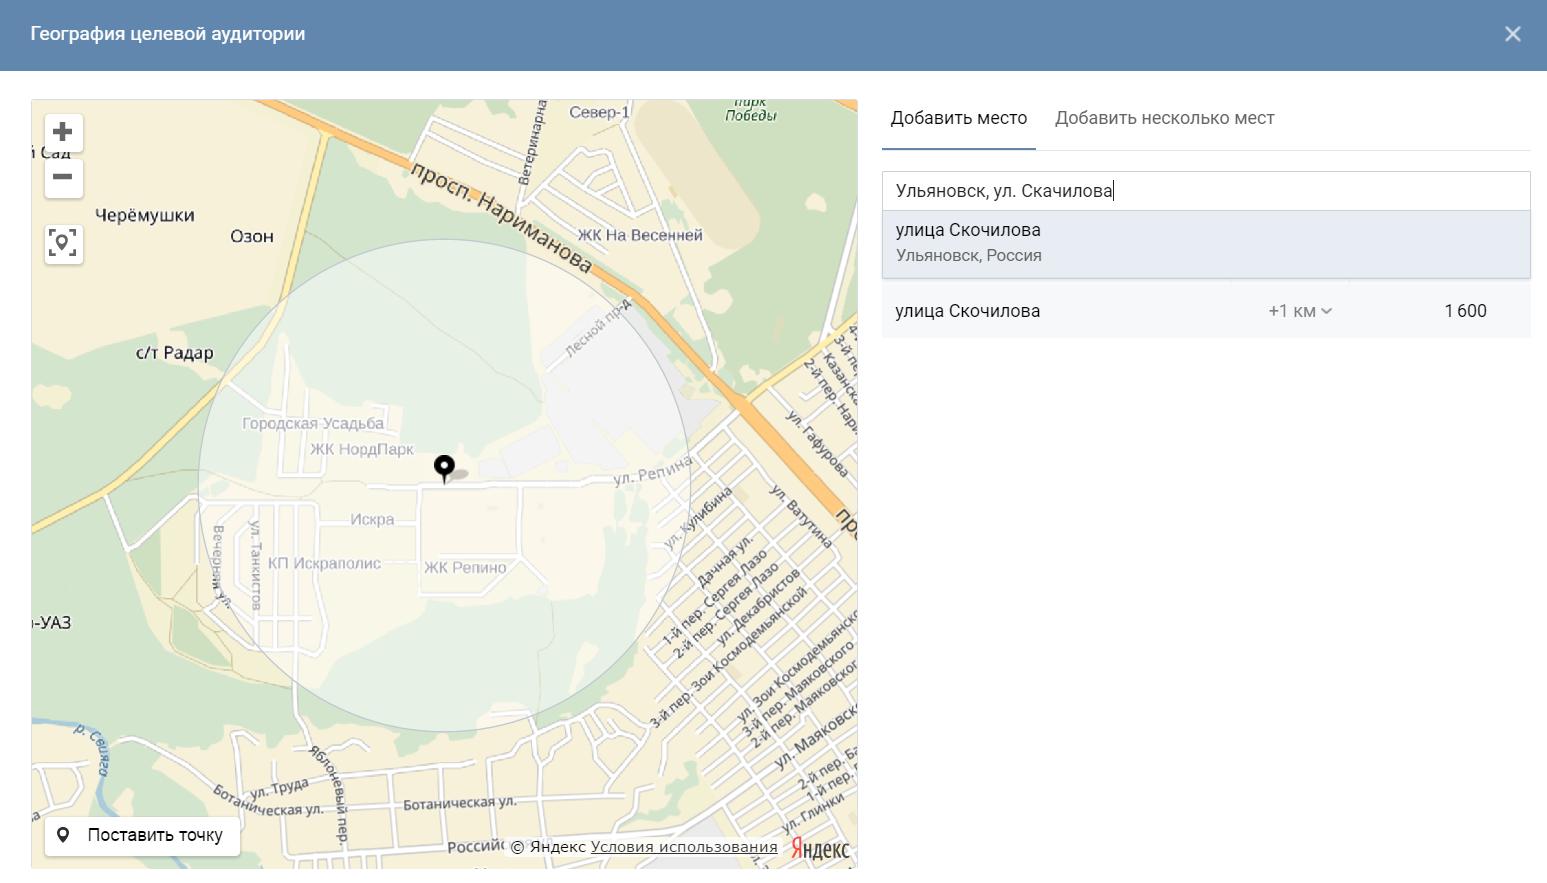 ВКонтакте отмечаете точкой нужный район и выбираете радиус.